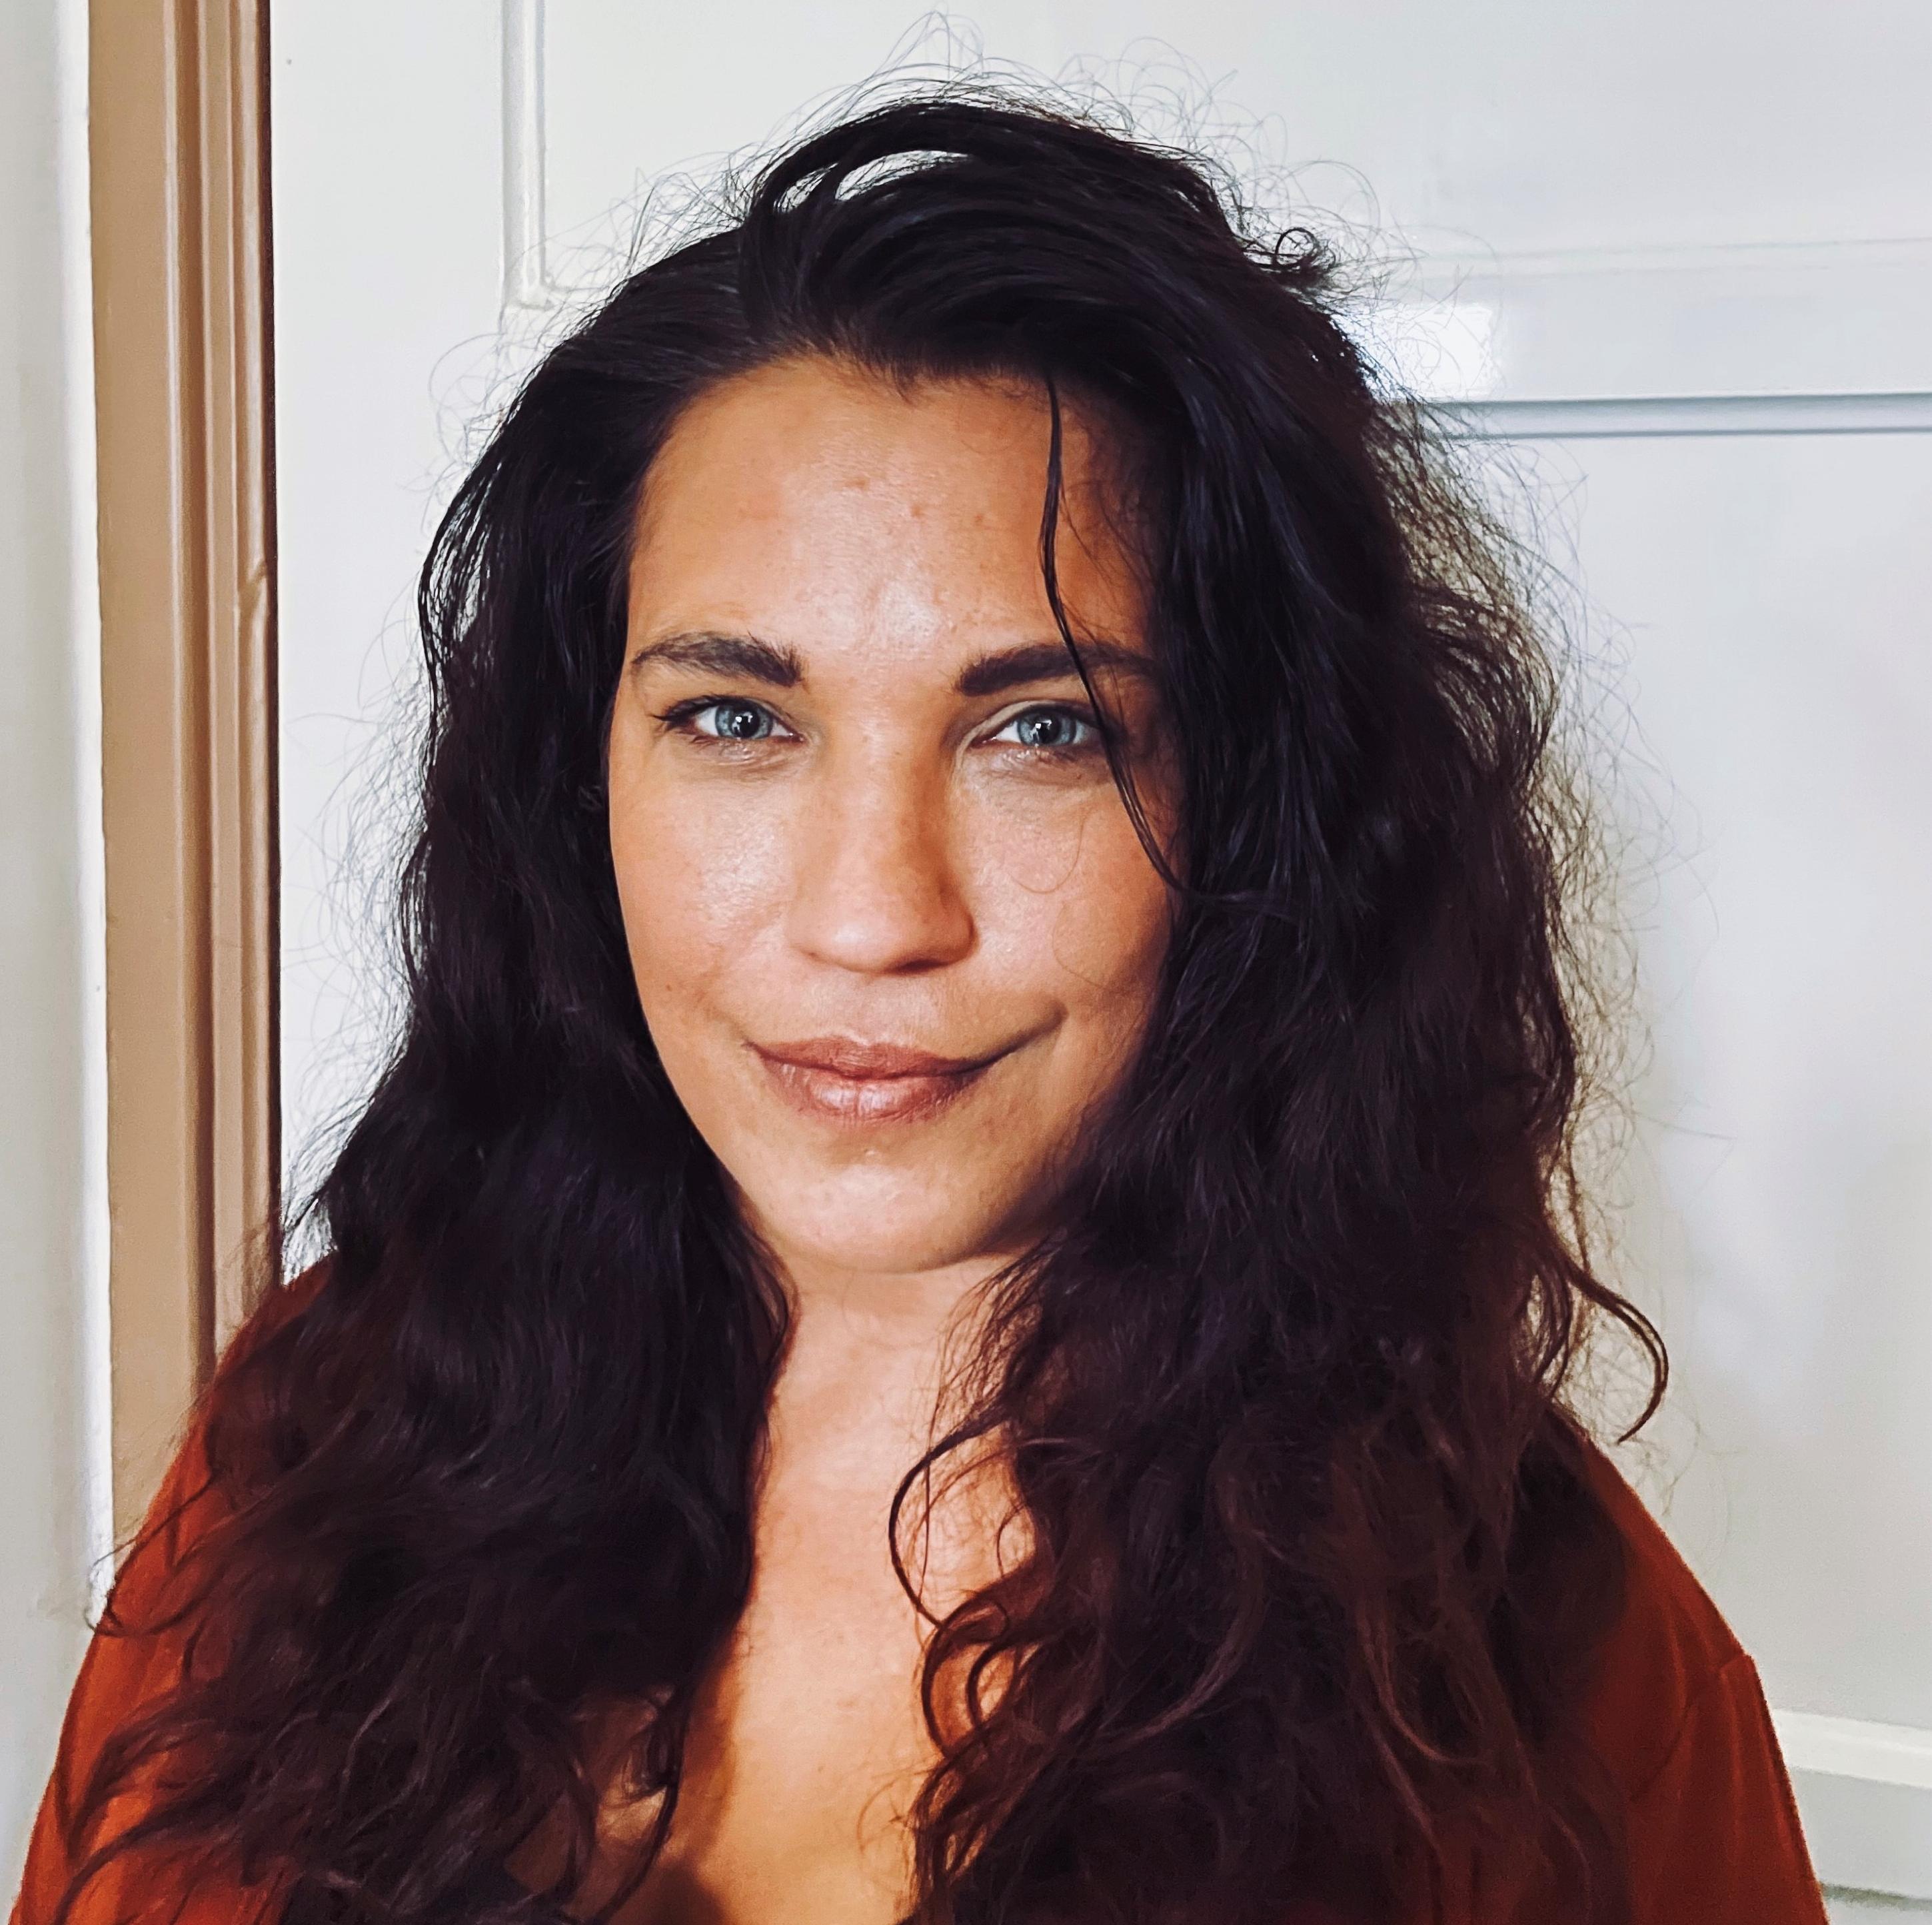 Cynthia Roessink